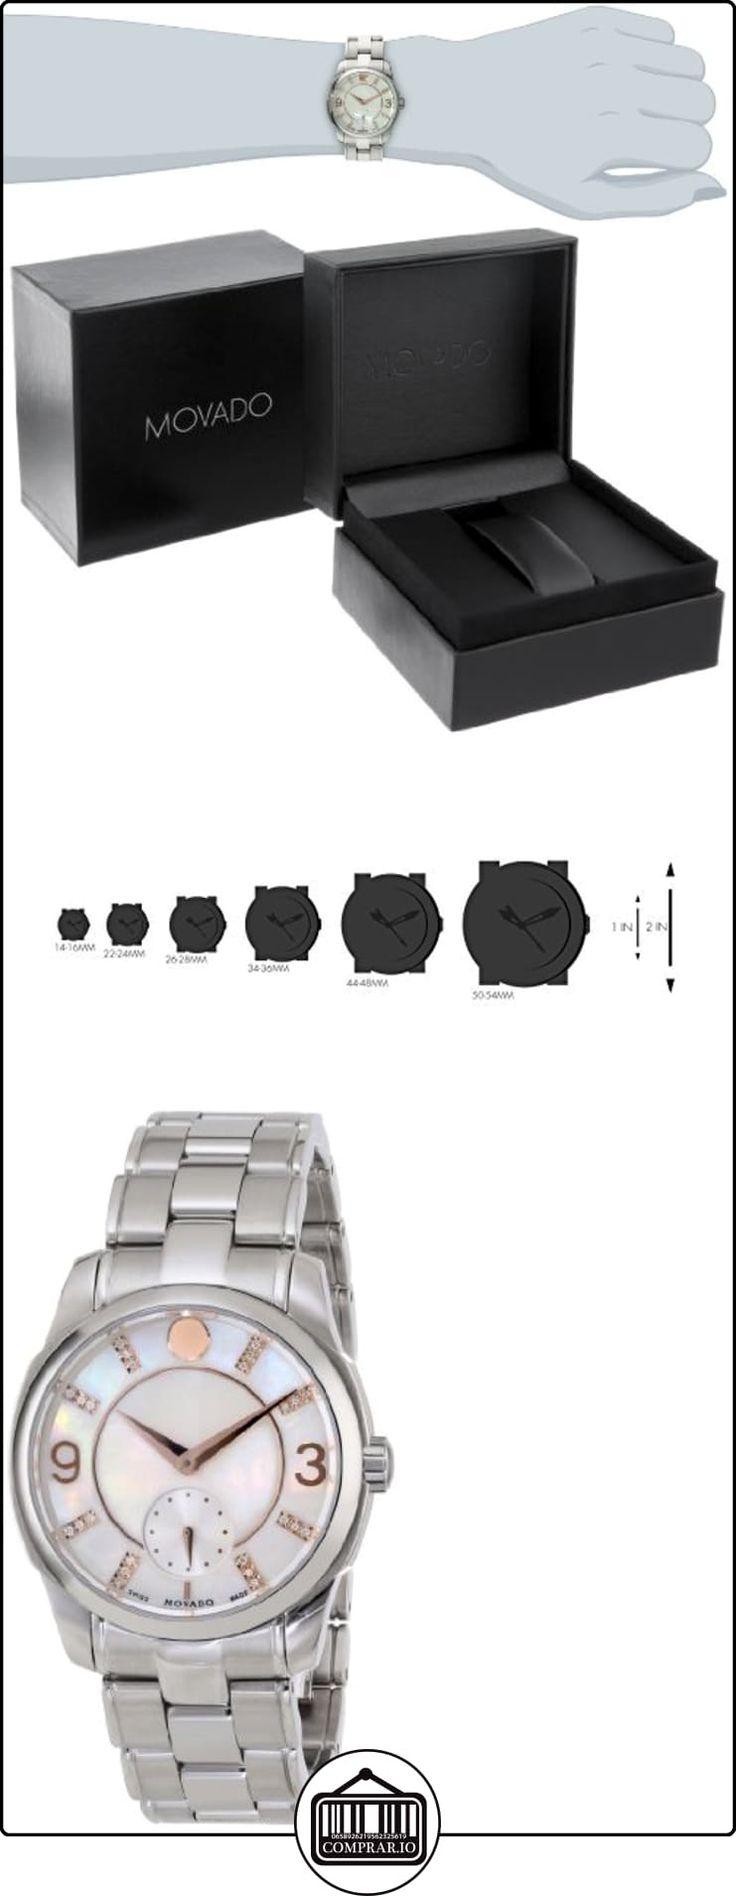 Movado LX Reloj de mujer cuarzo suizo 31mm analógico correa y caja de acero dial madreperla 0606619  ✿ Relojes para mujer - (Lujo) ✿